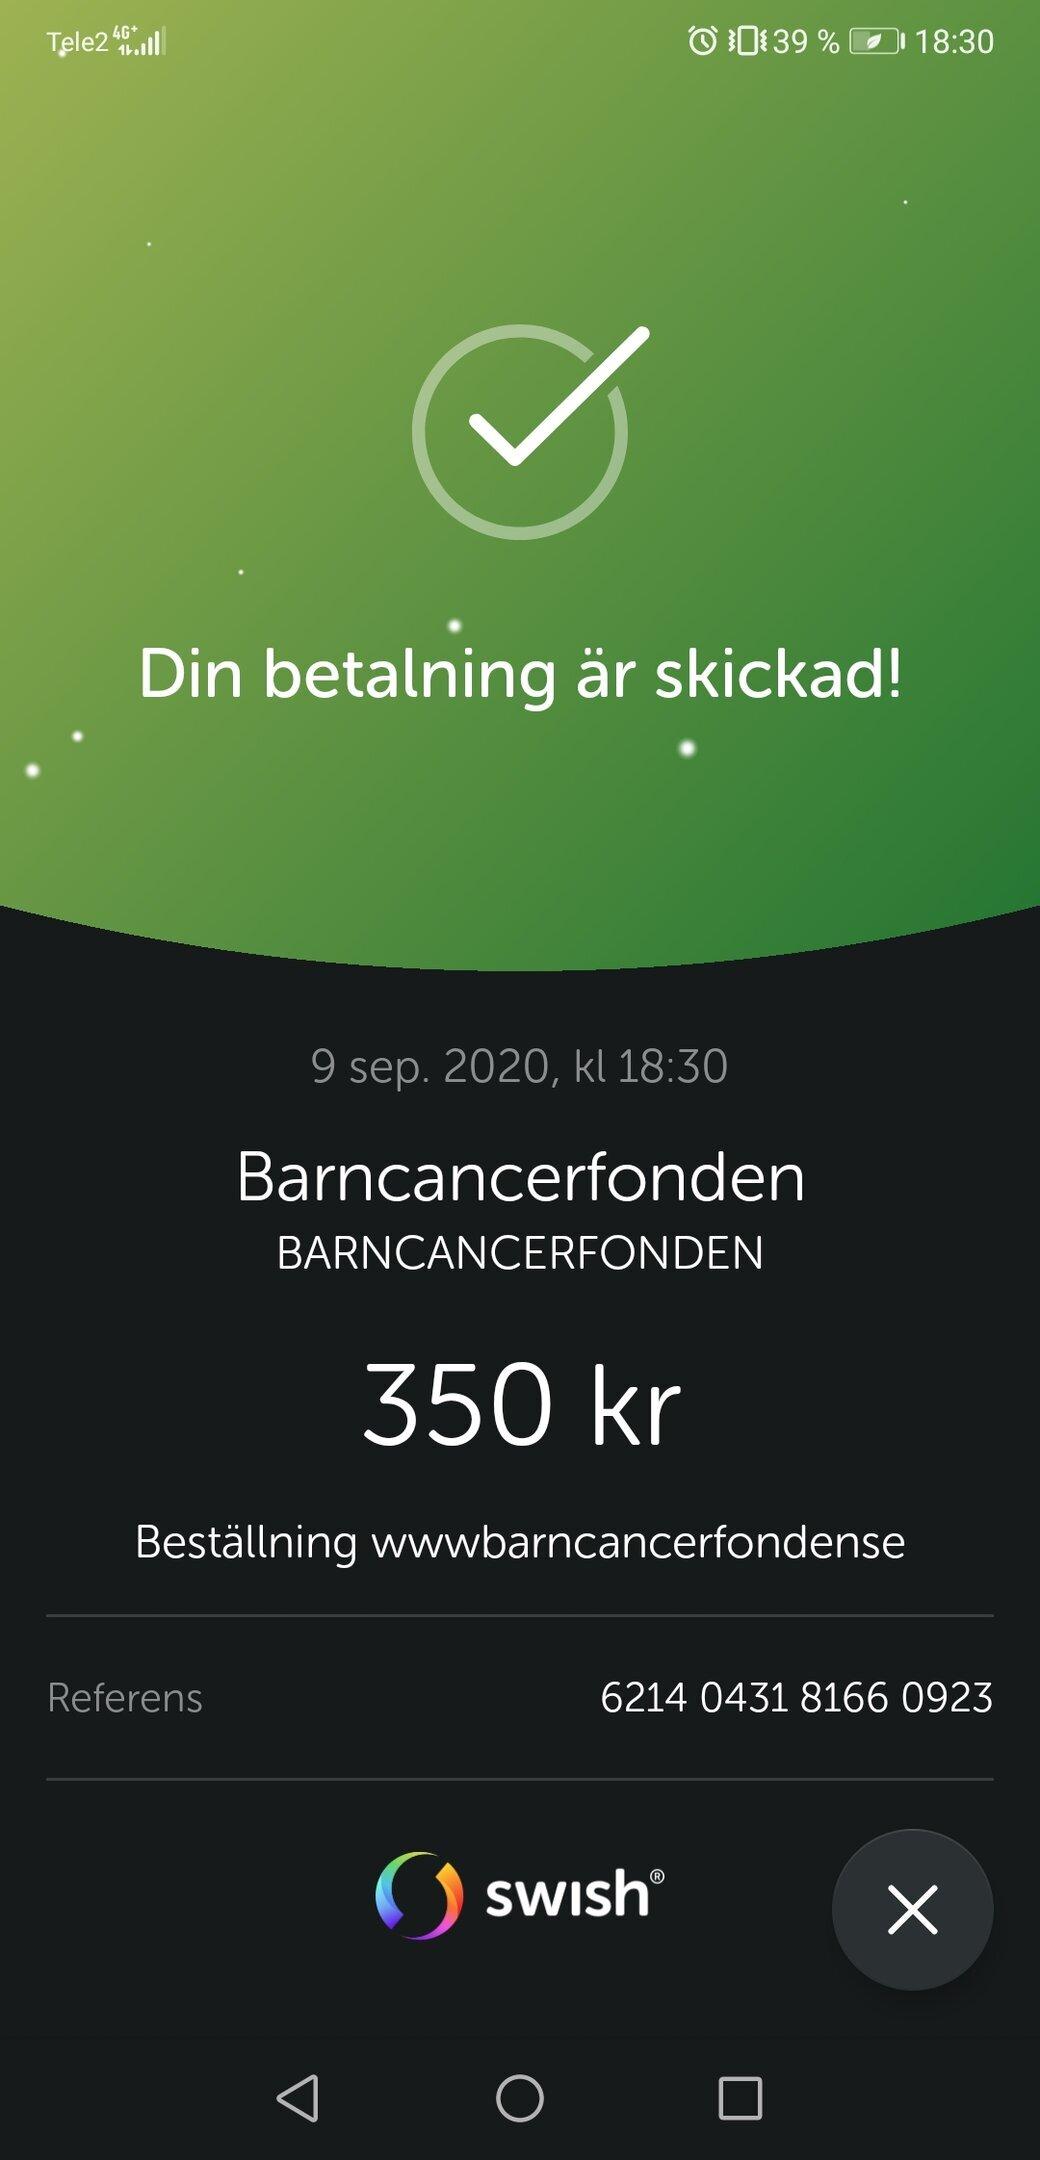 Screenshot_20200909_183033_se.bankgirot.swish.